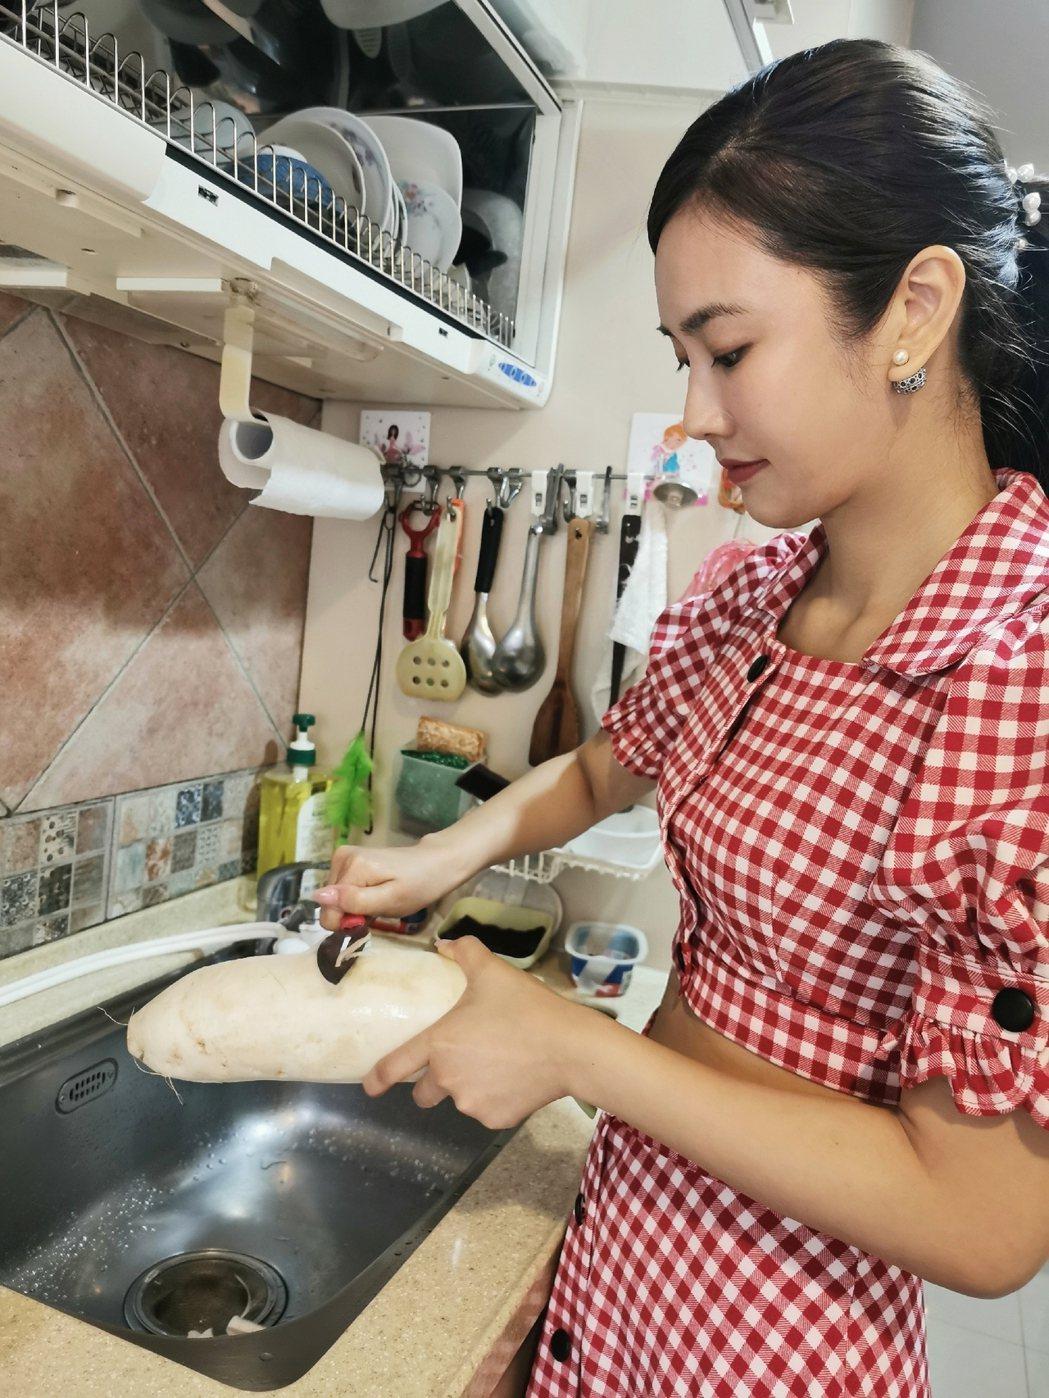 黃心娣自製蘿蔔糕,從削蘿蔔開始做起。圖/周子娛樂提供